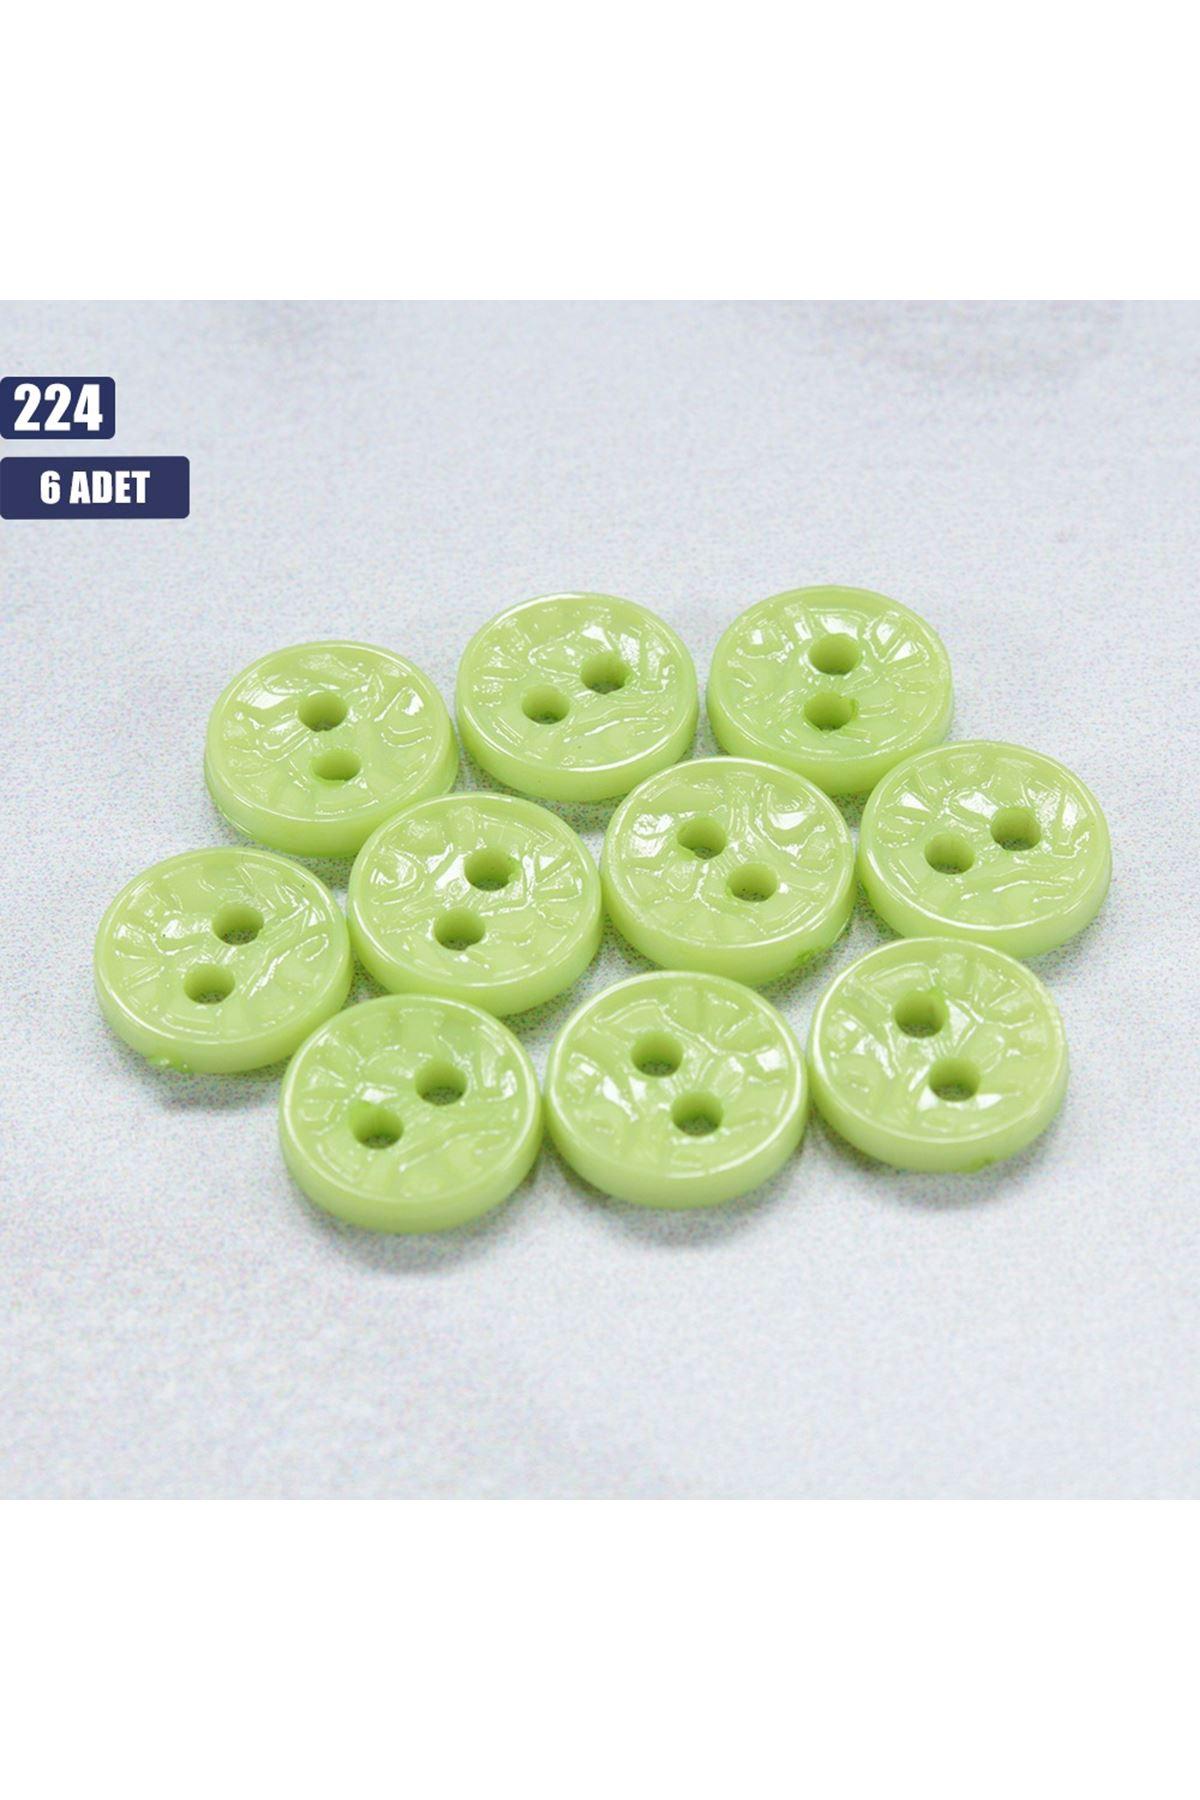 6 adet Bebek Düğmesi 224